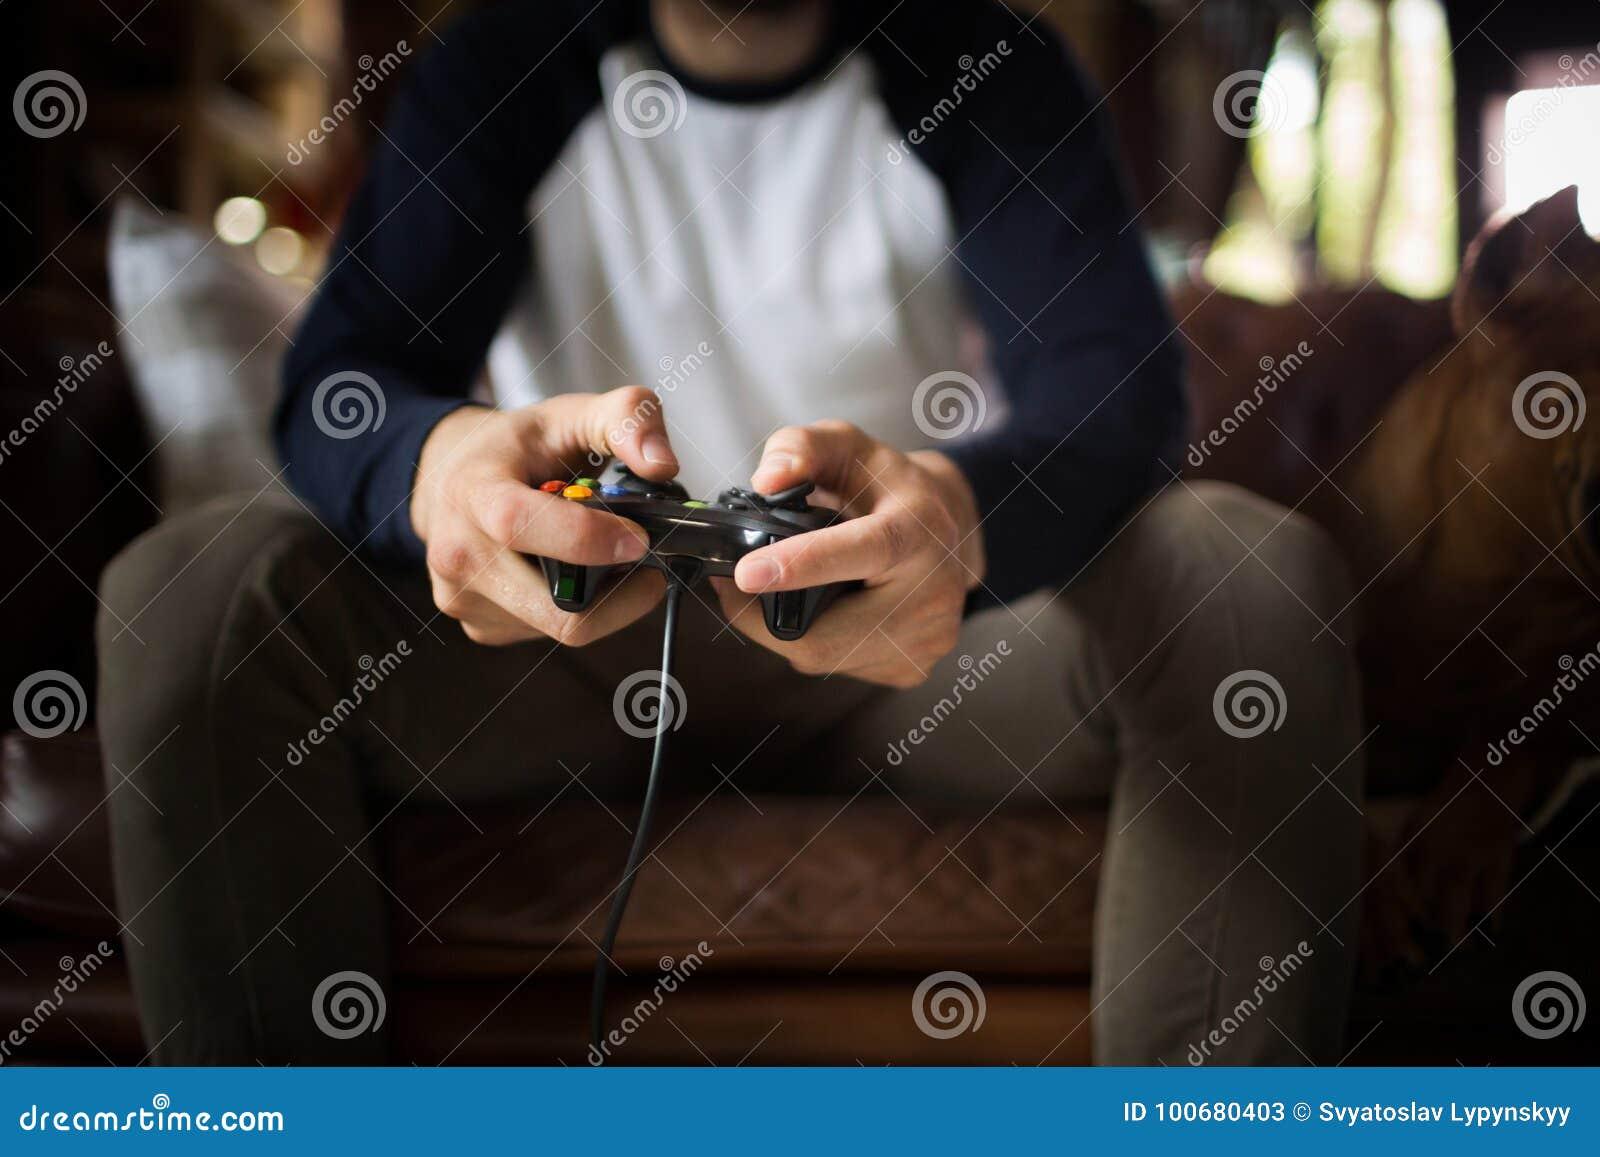 Ein junger Mann, der den Steuerknüppel, Videospiel spielend hält